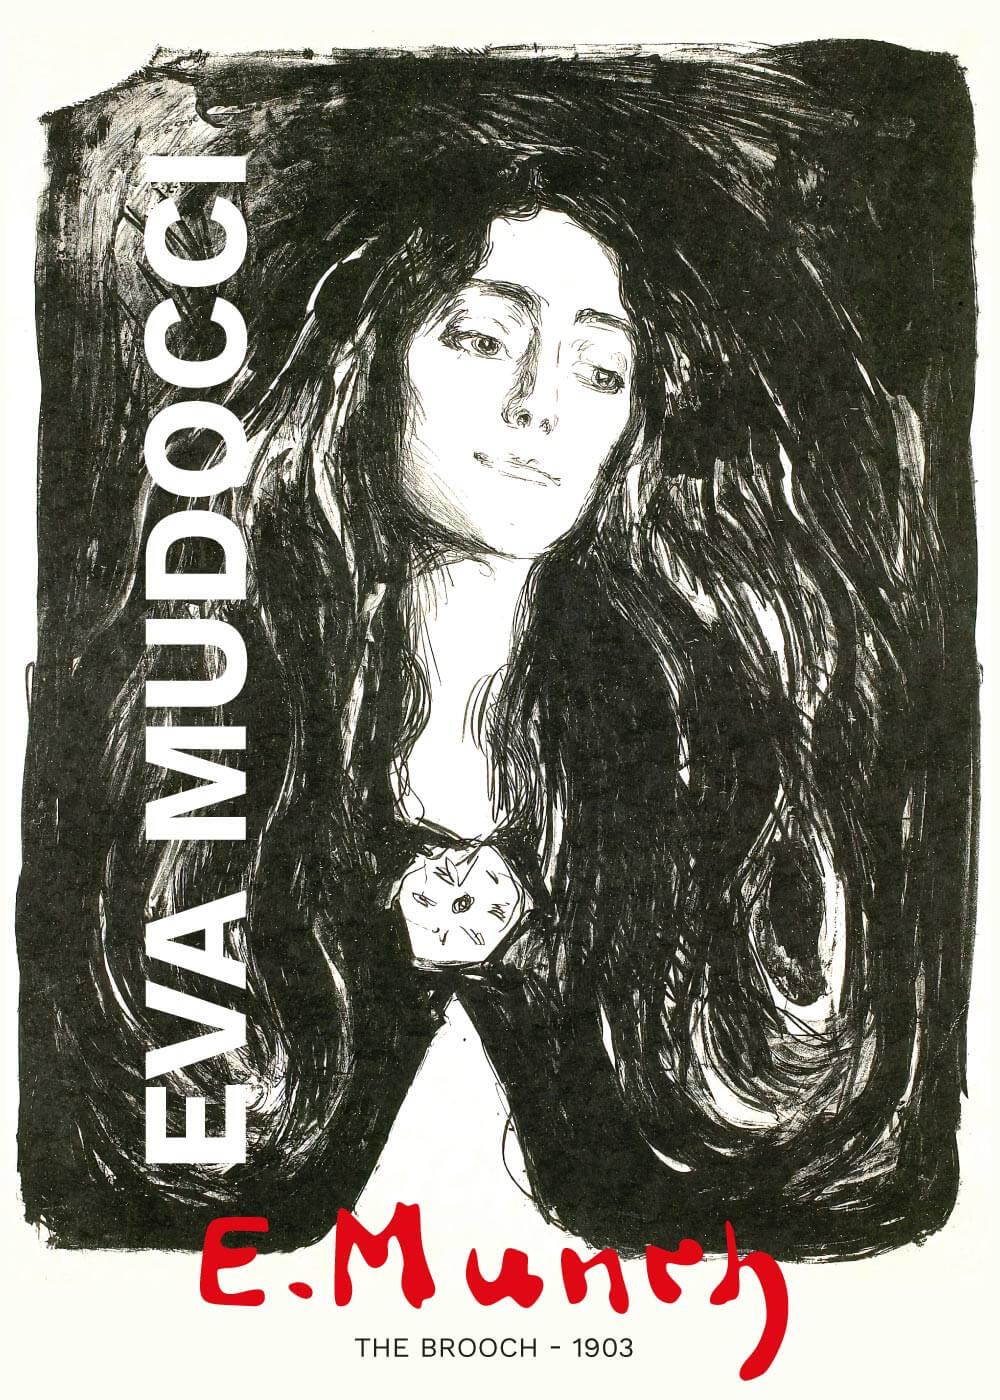 Billede af The brooch - Edvard Munch